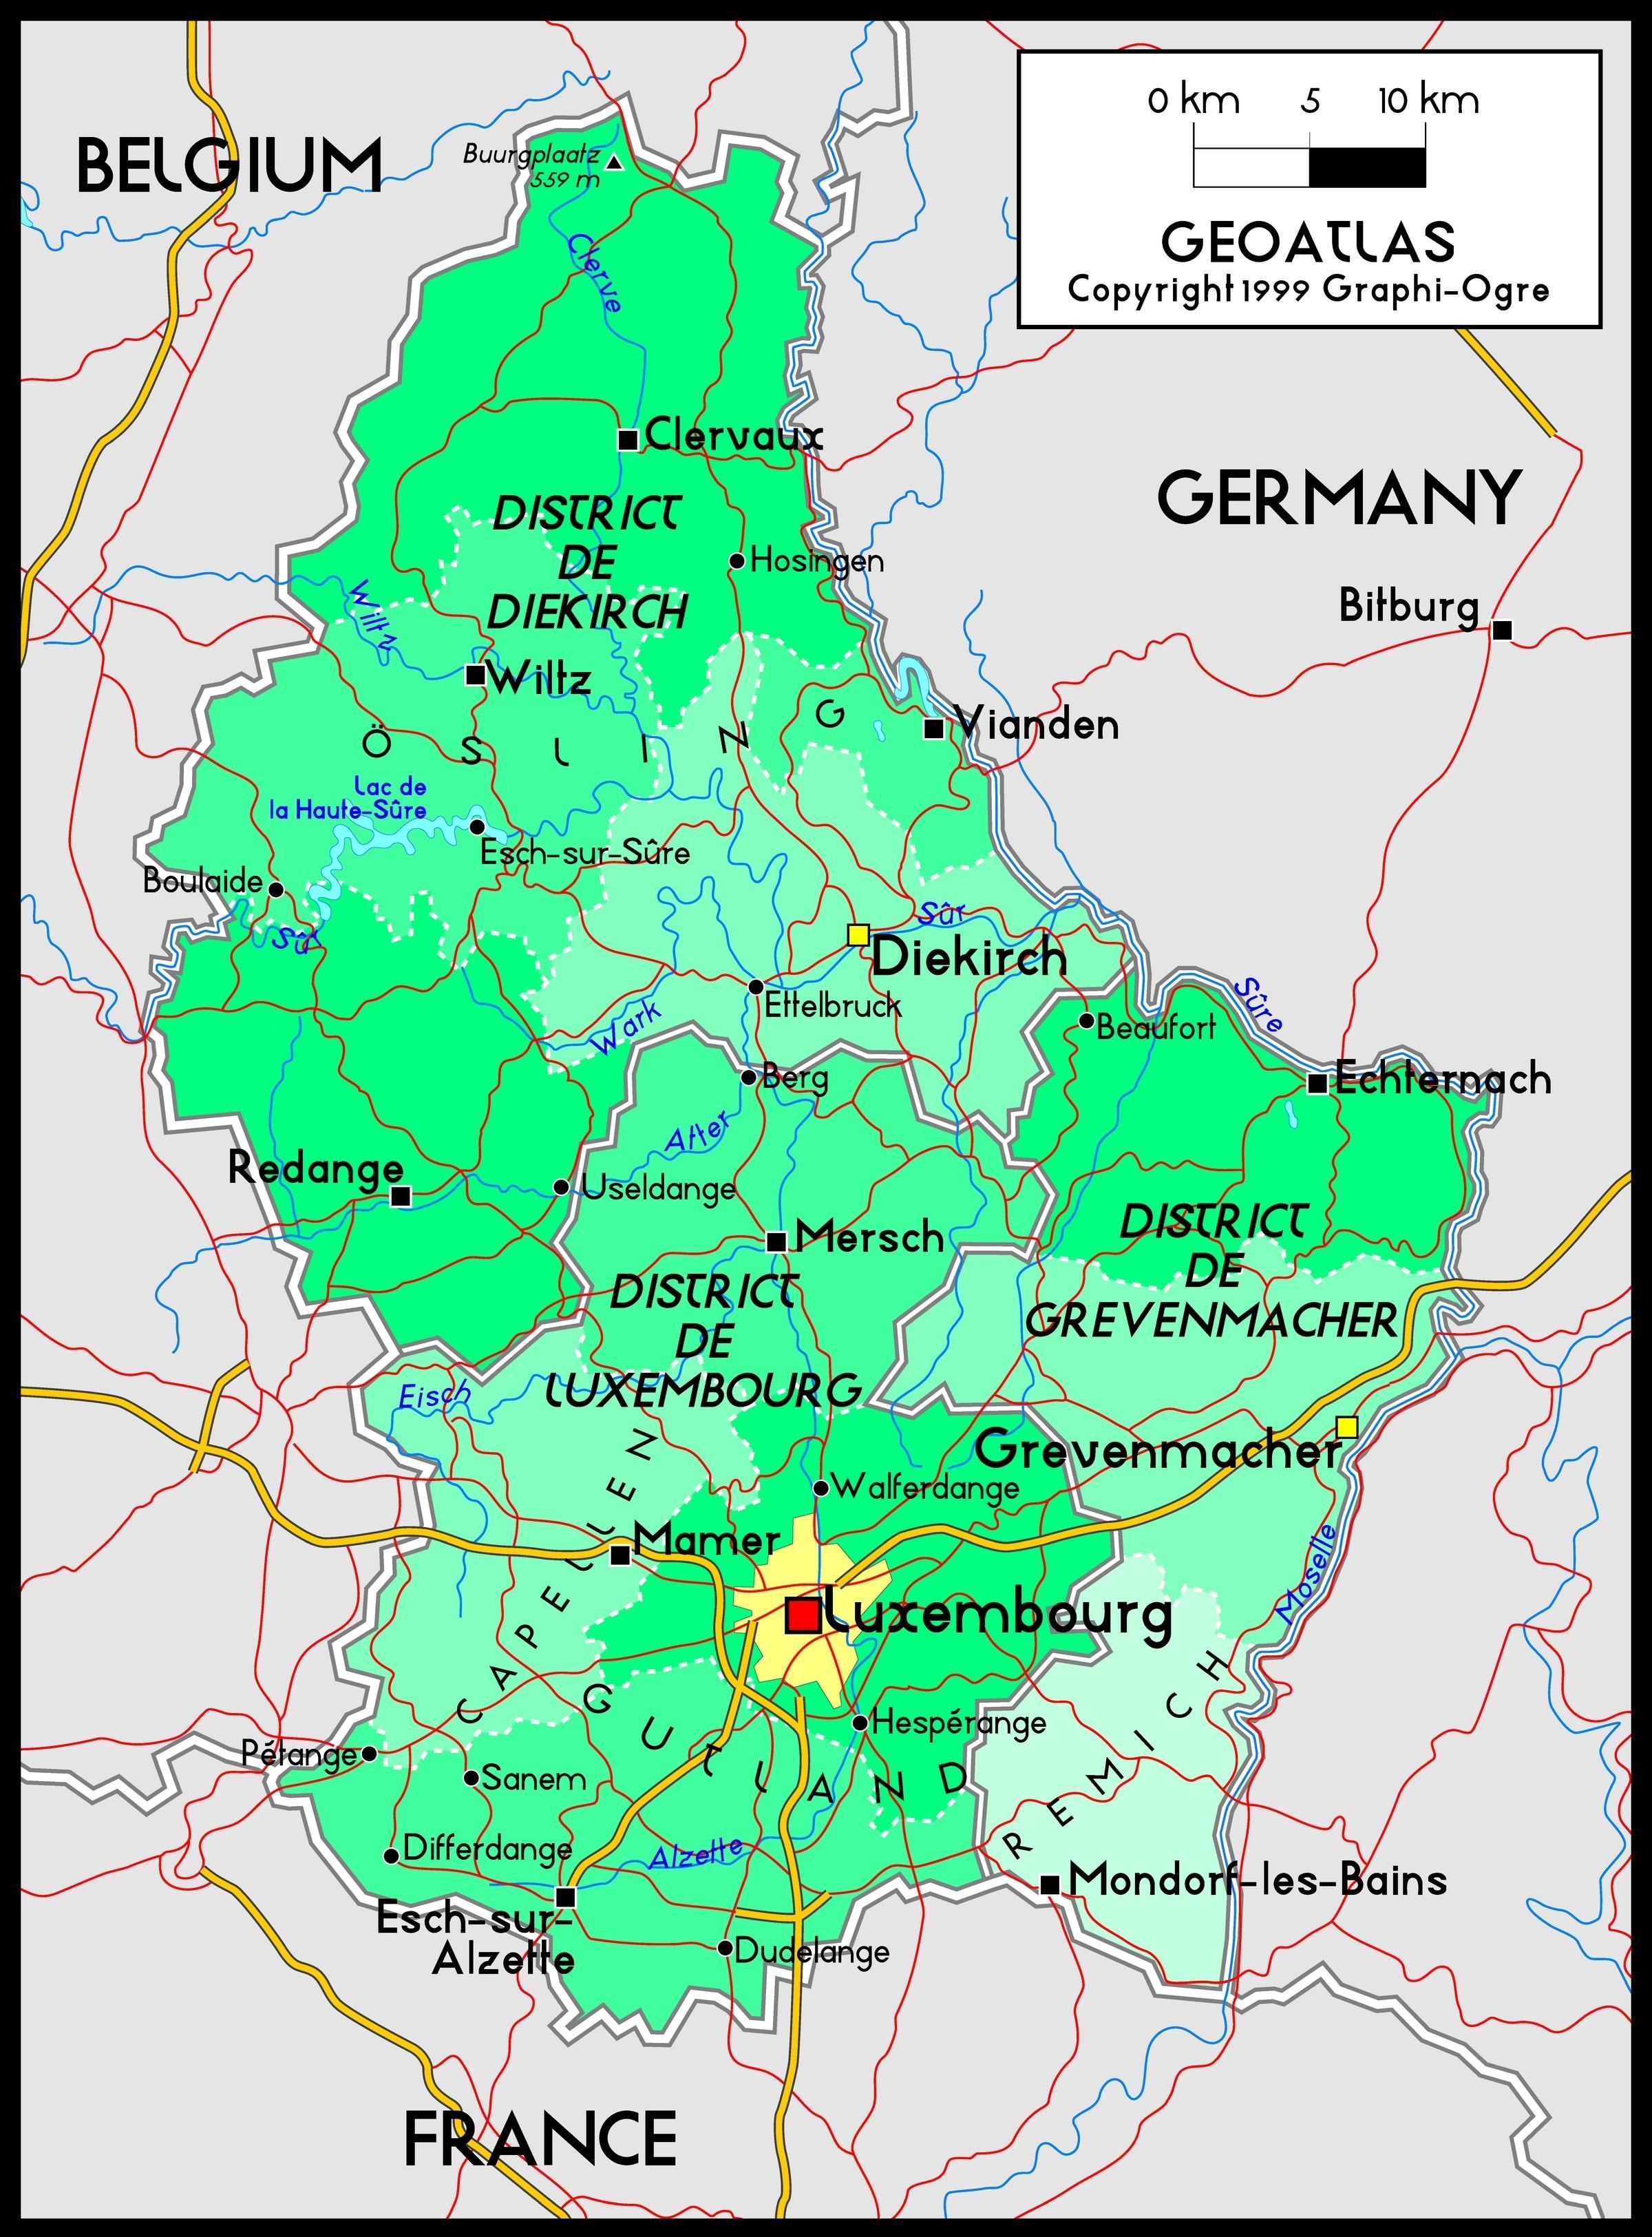 Luxemburg Kartta Luxemburg Kartta Sijainti Lansi Eurooppa